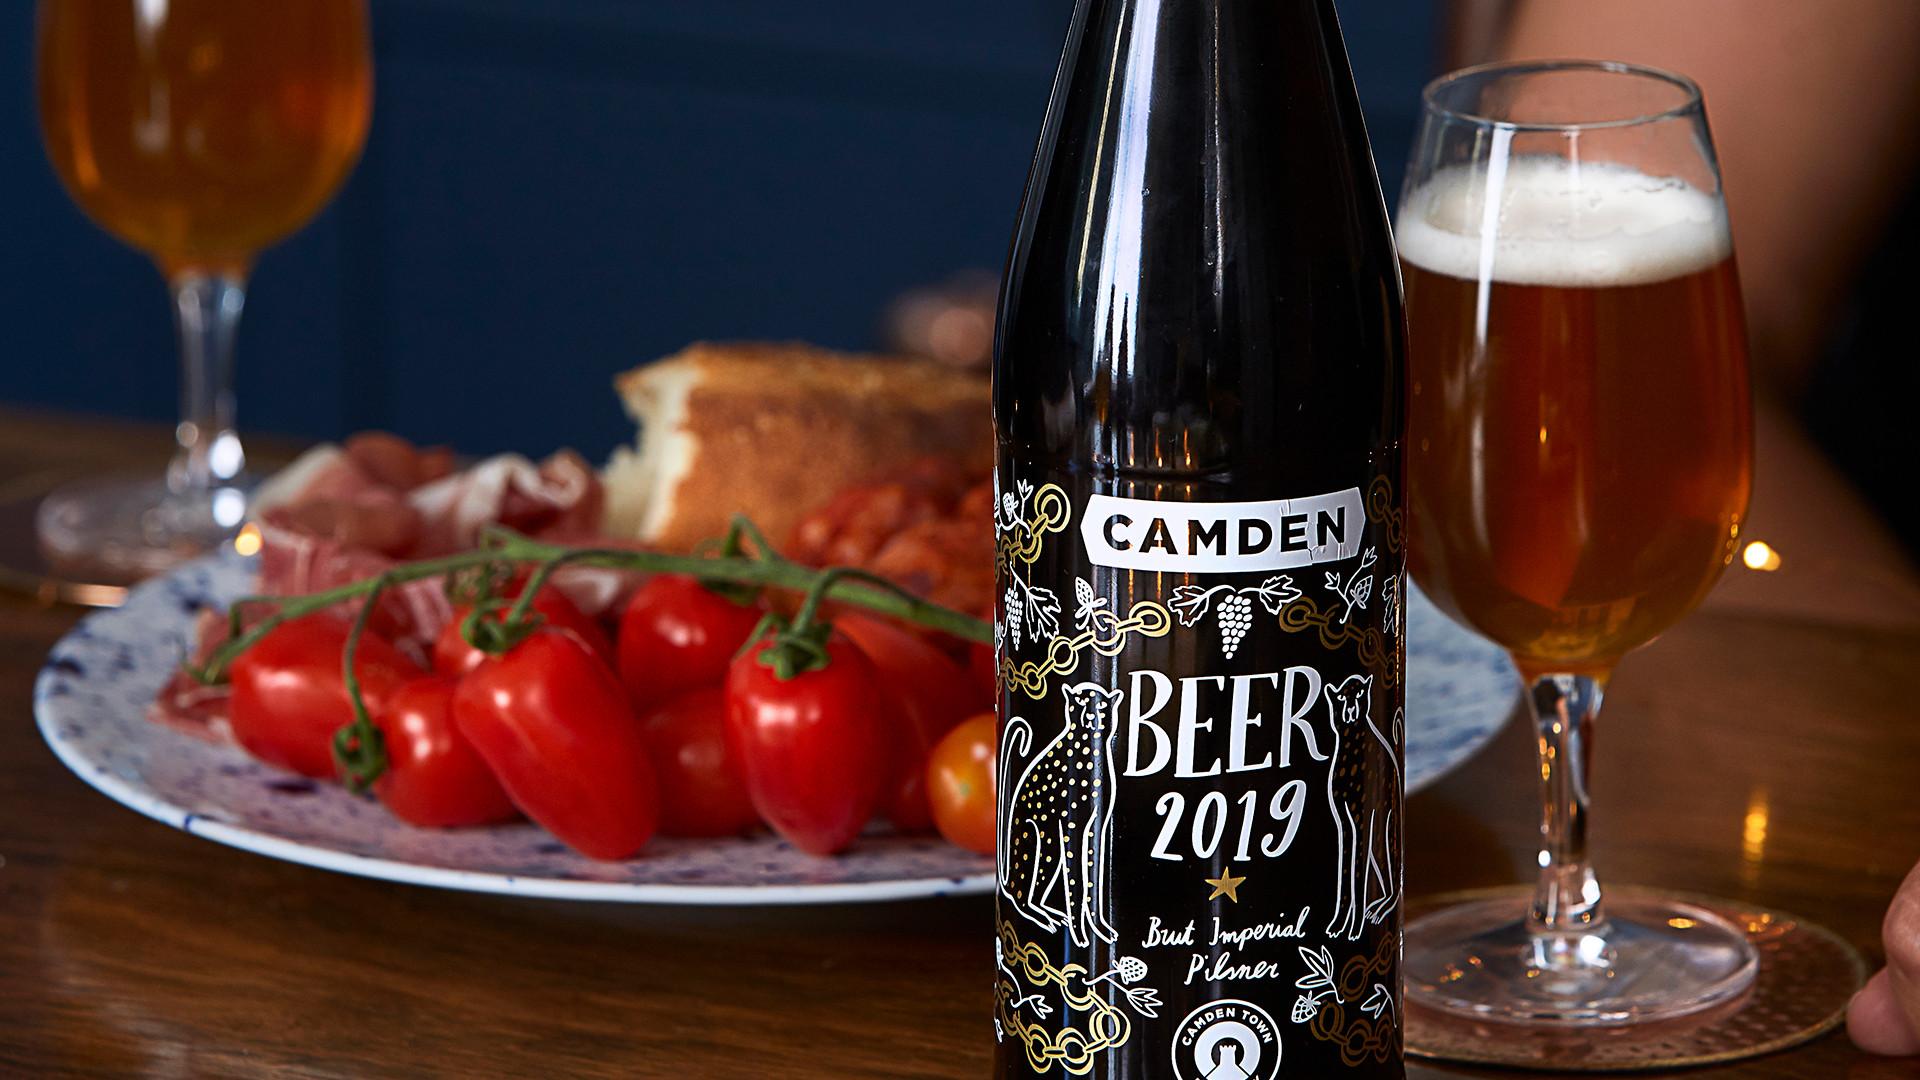 Camden Town Beer 2019